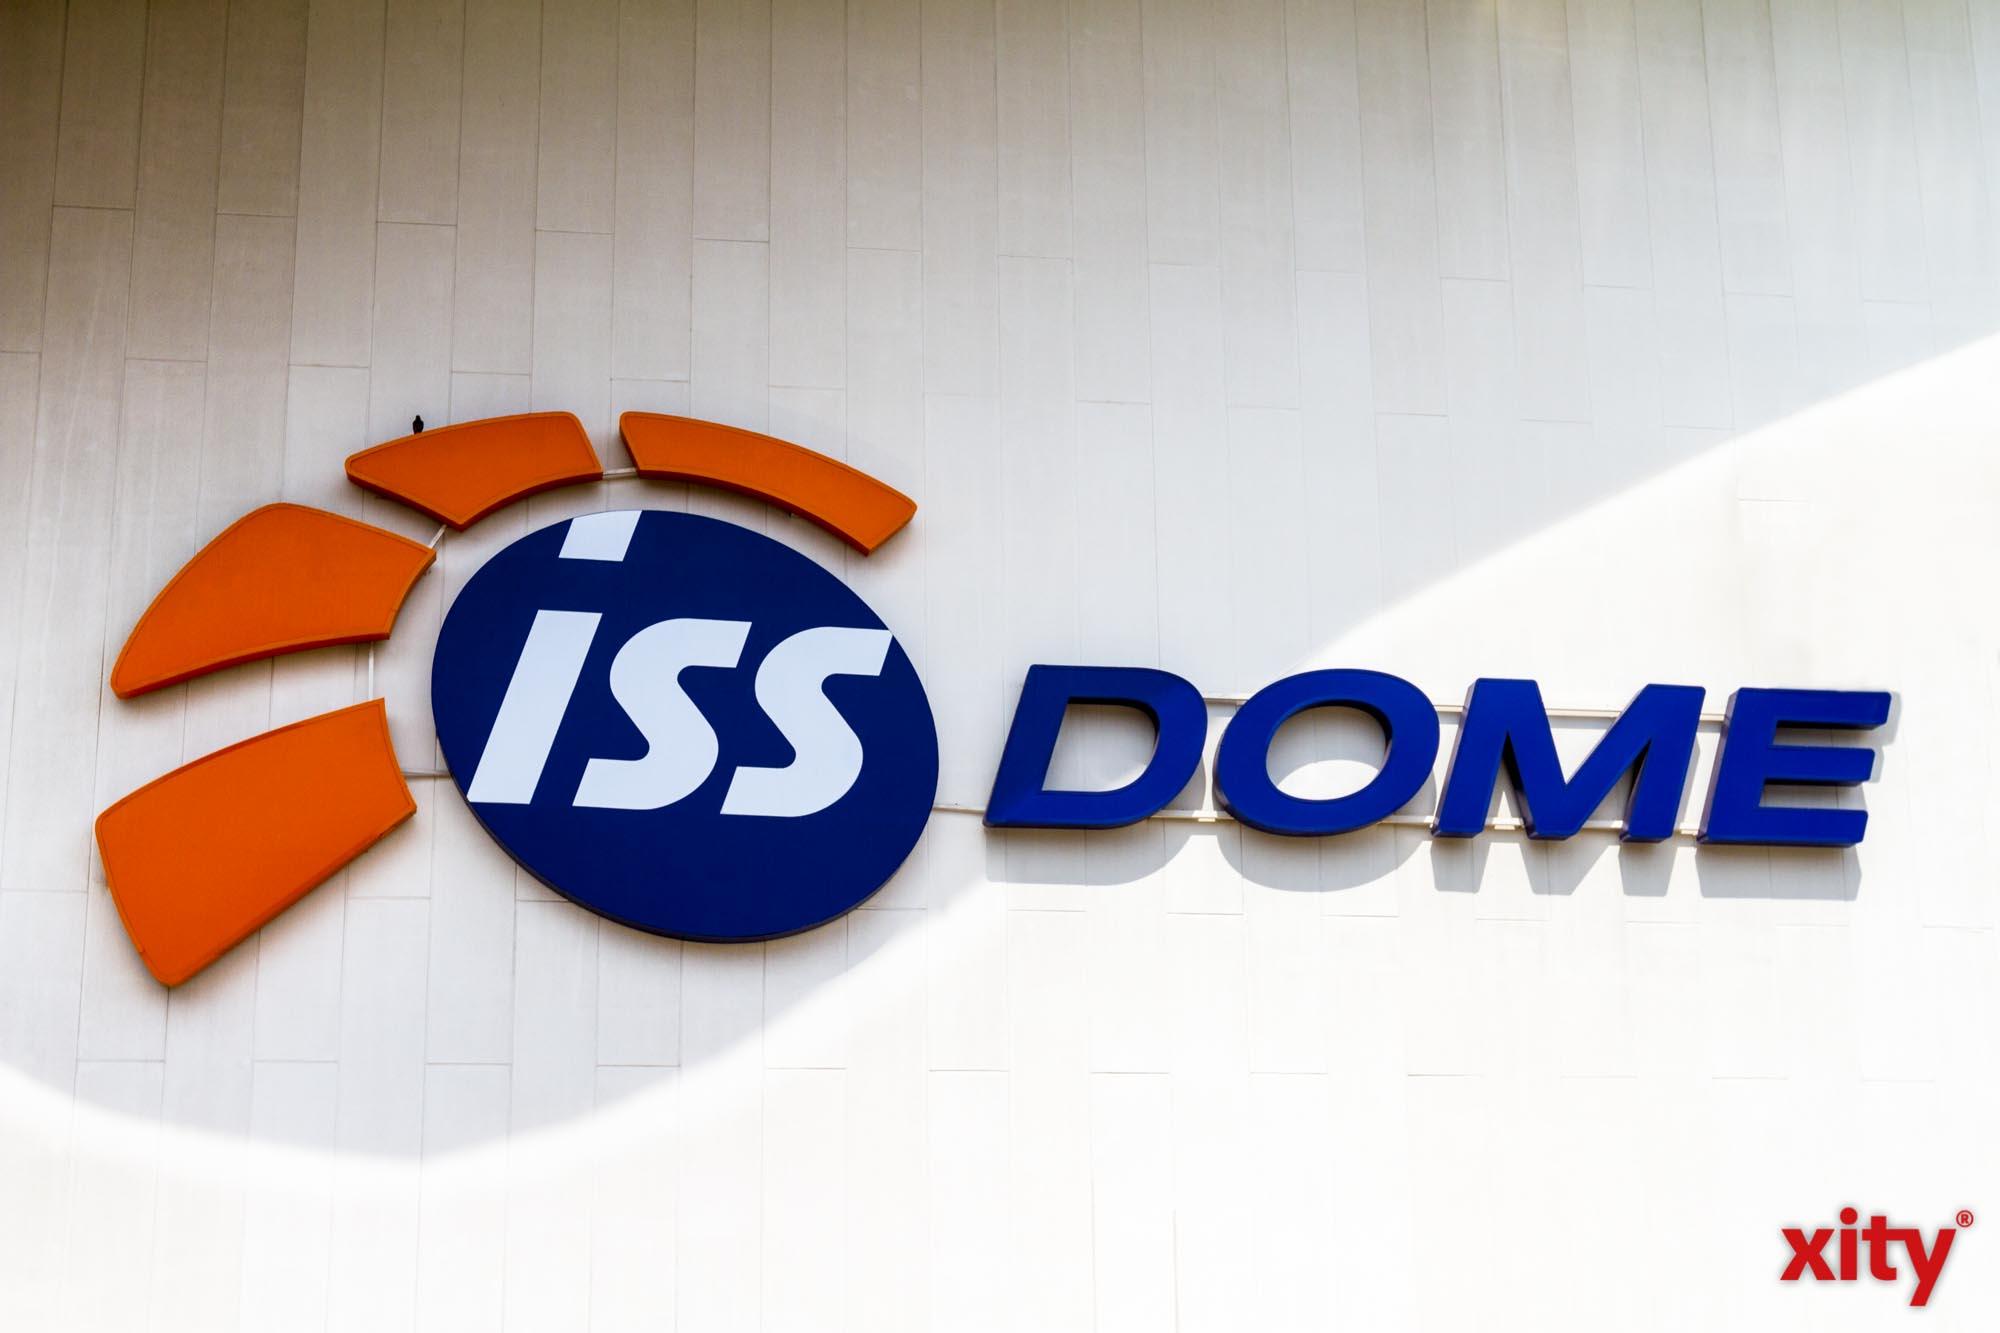 Der ISS Dome ist Spielstätte des Pixum Super Cup 2019 (Foto: xity)